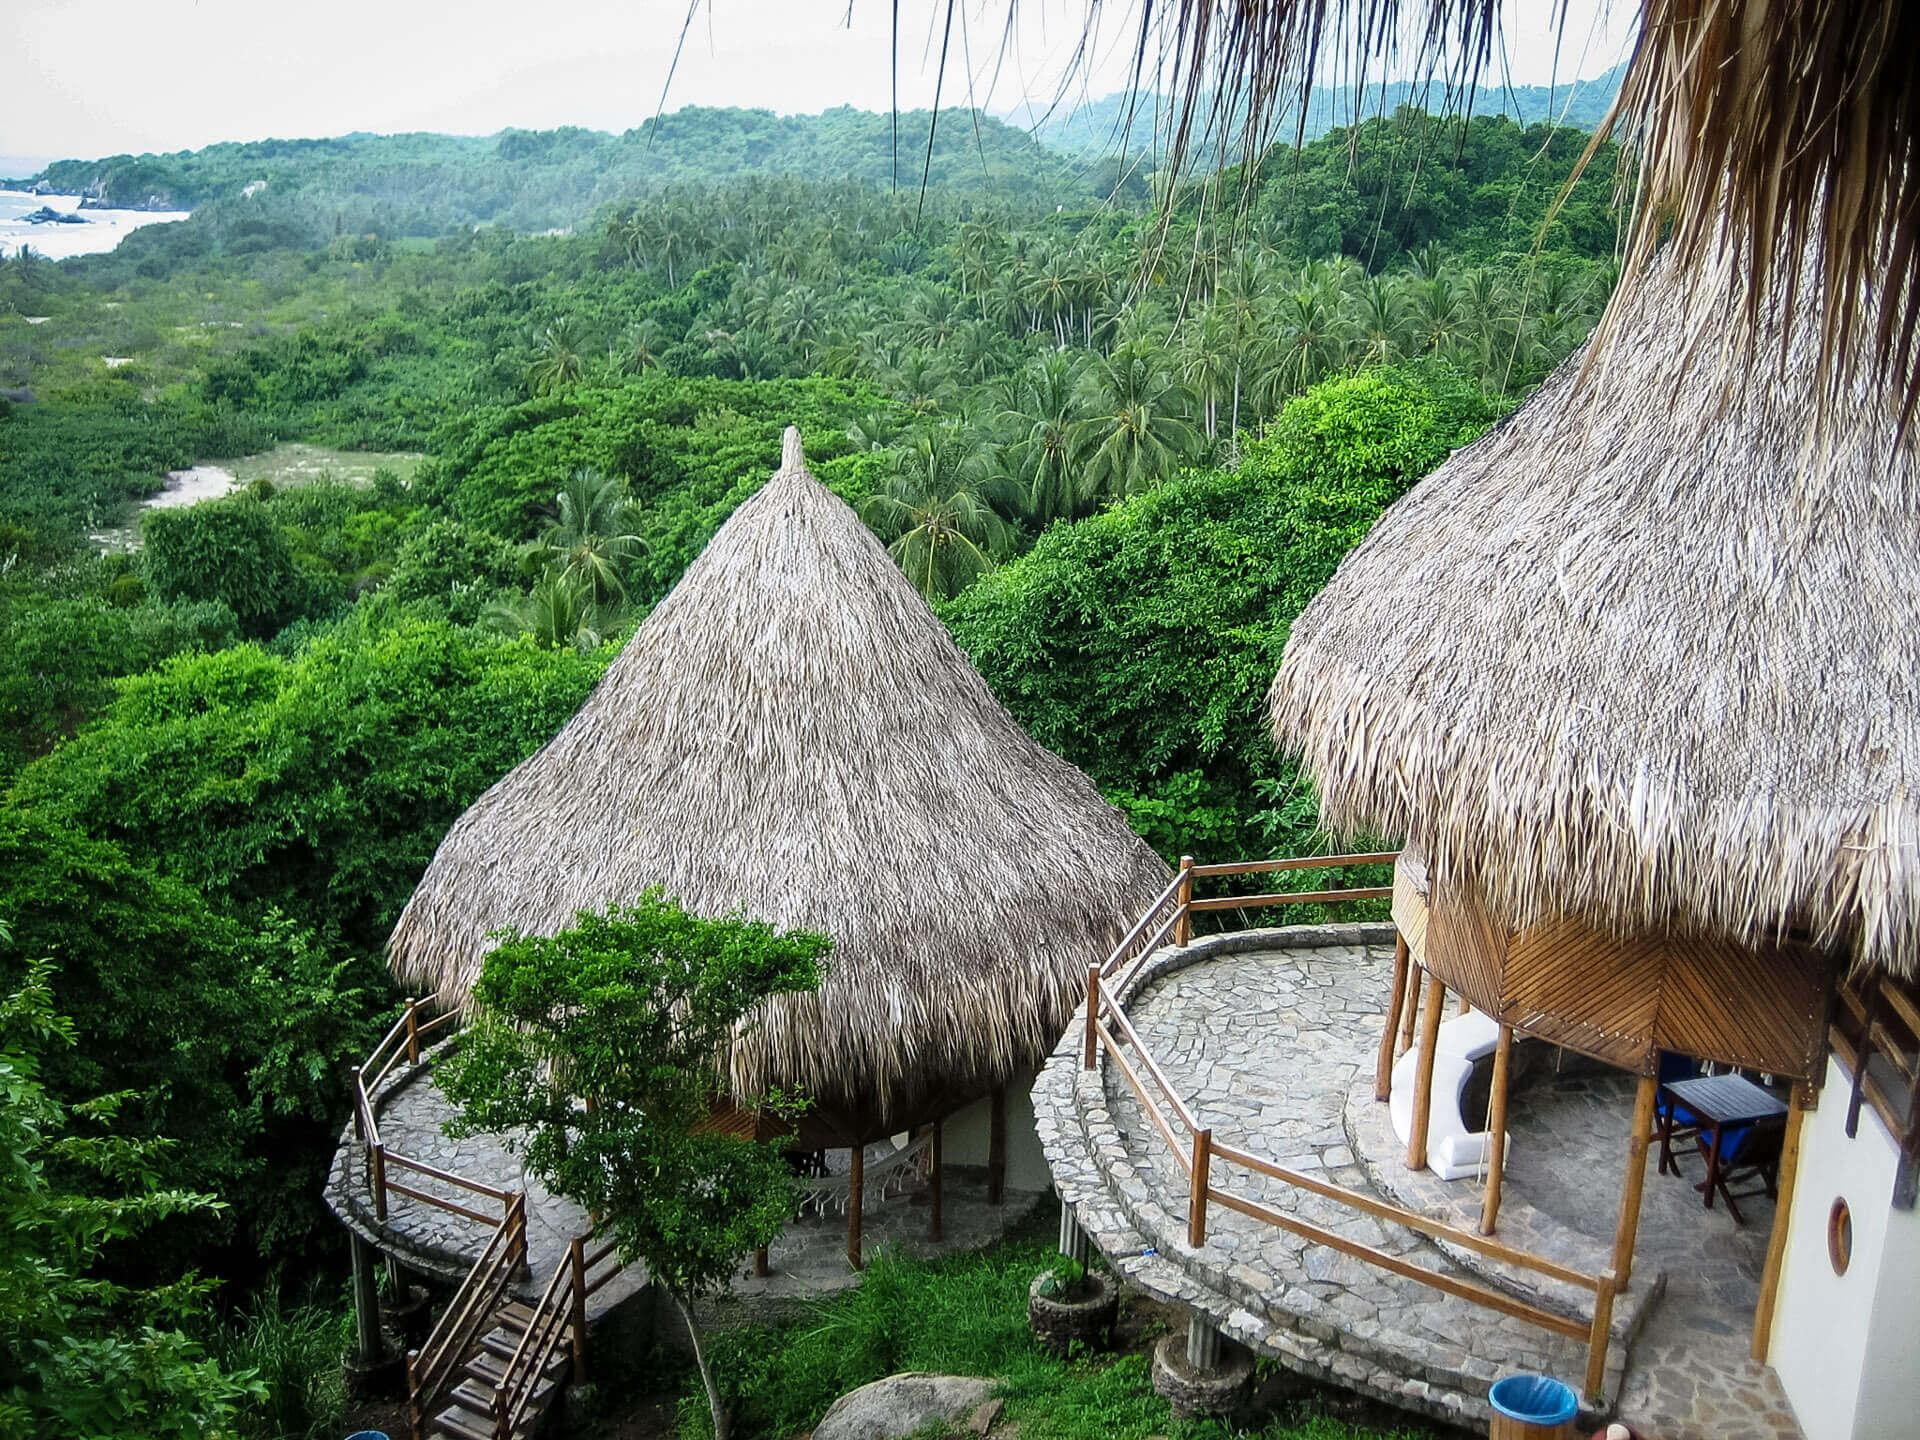 پارک ملی تایرونا کلمبیا